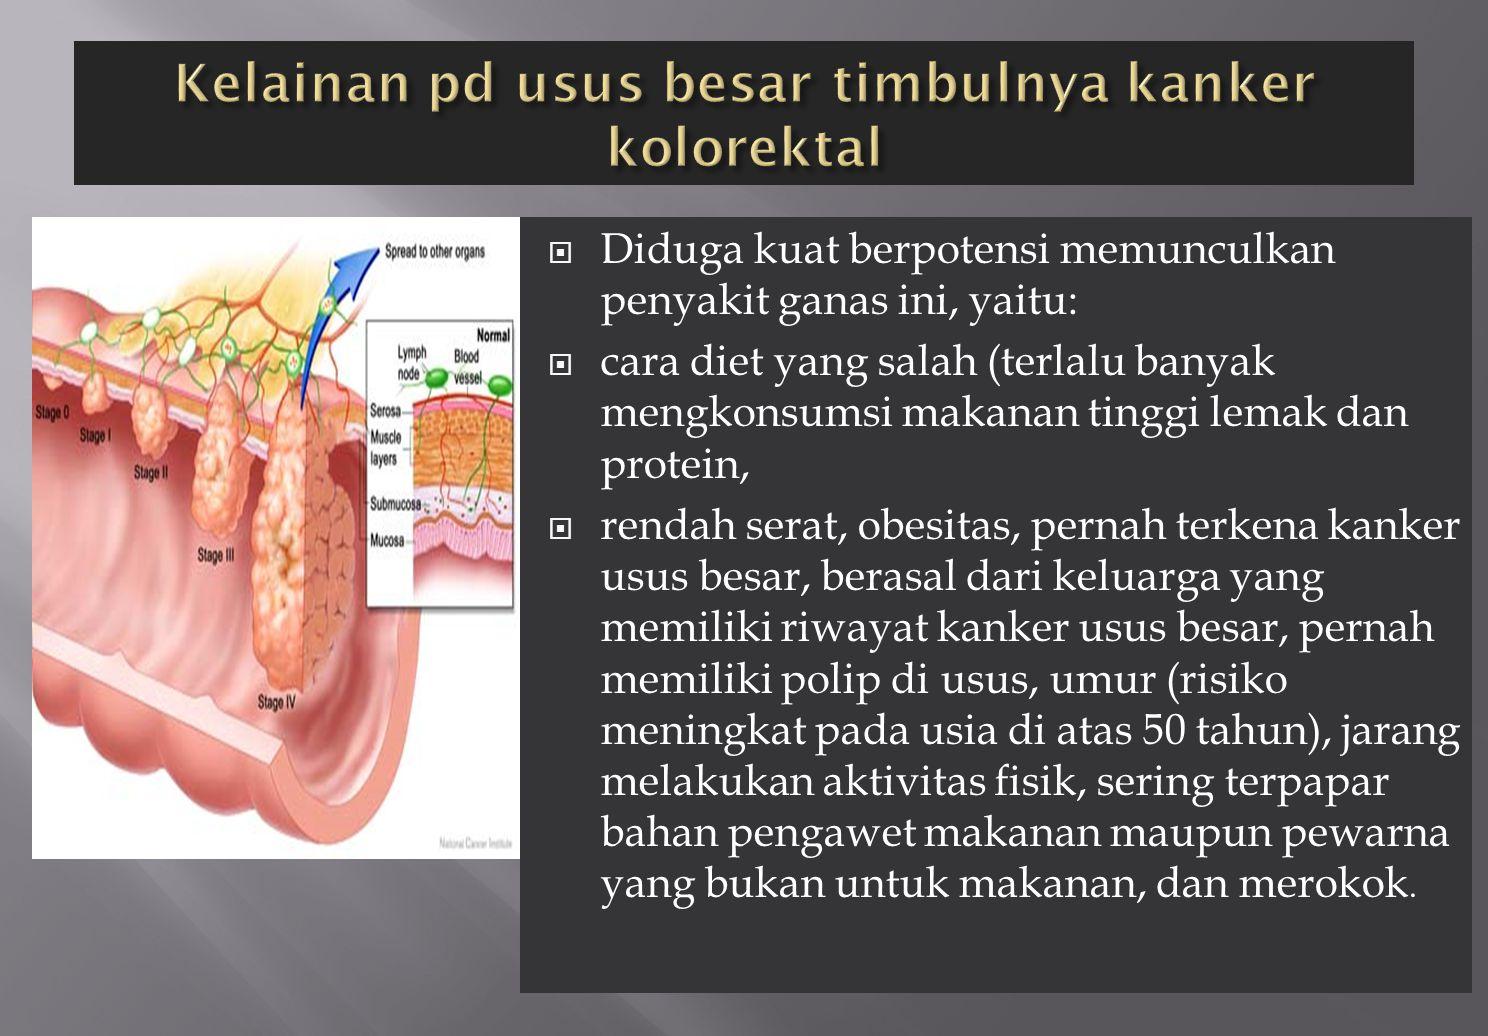  Diduga kuat berpotensi memunculkan penyakit ganas ini, yaitu:  cara diet yang salah (terlalu banyak mengkonsumsi makanan tinggi lemak dan protein,